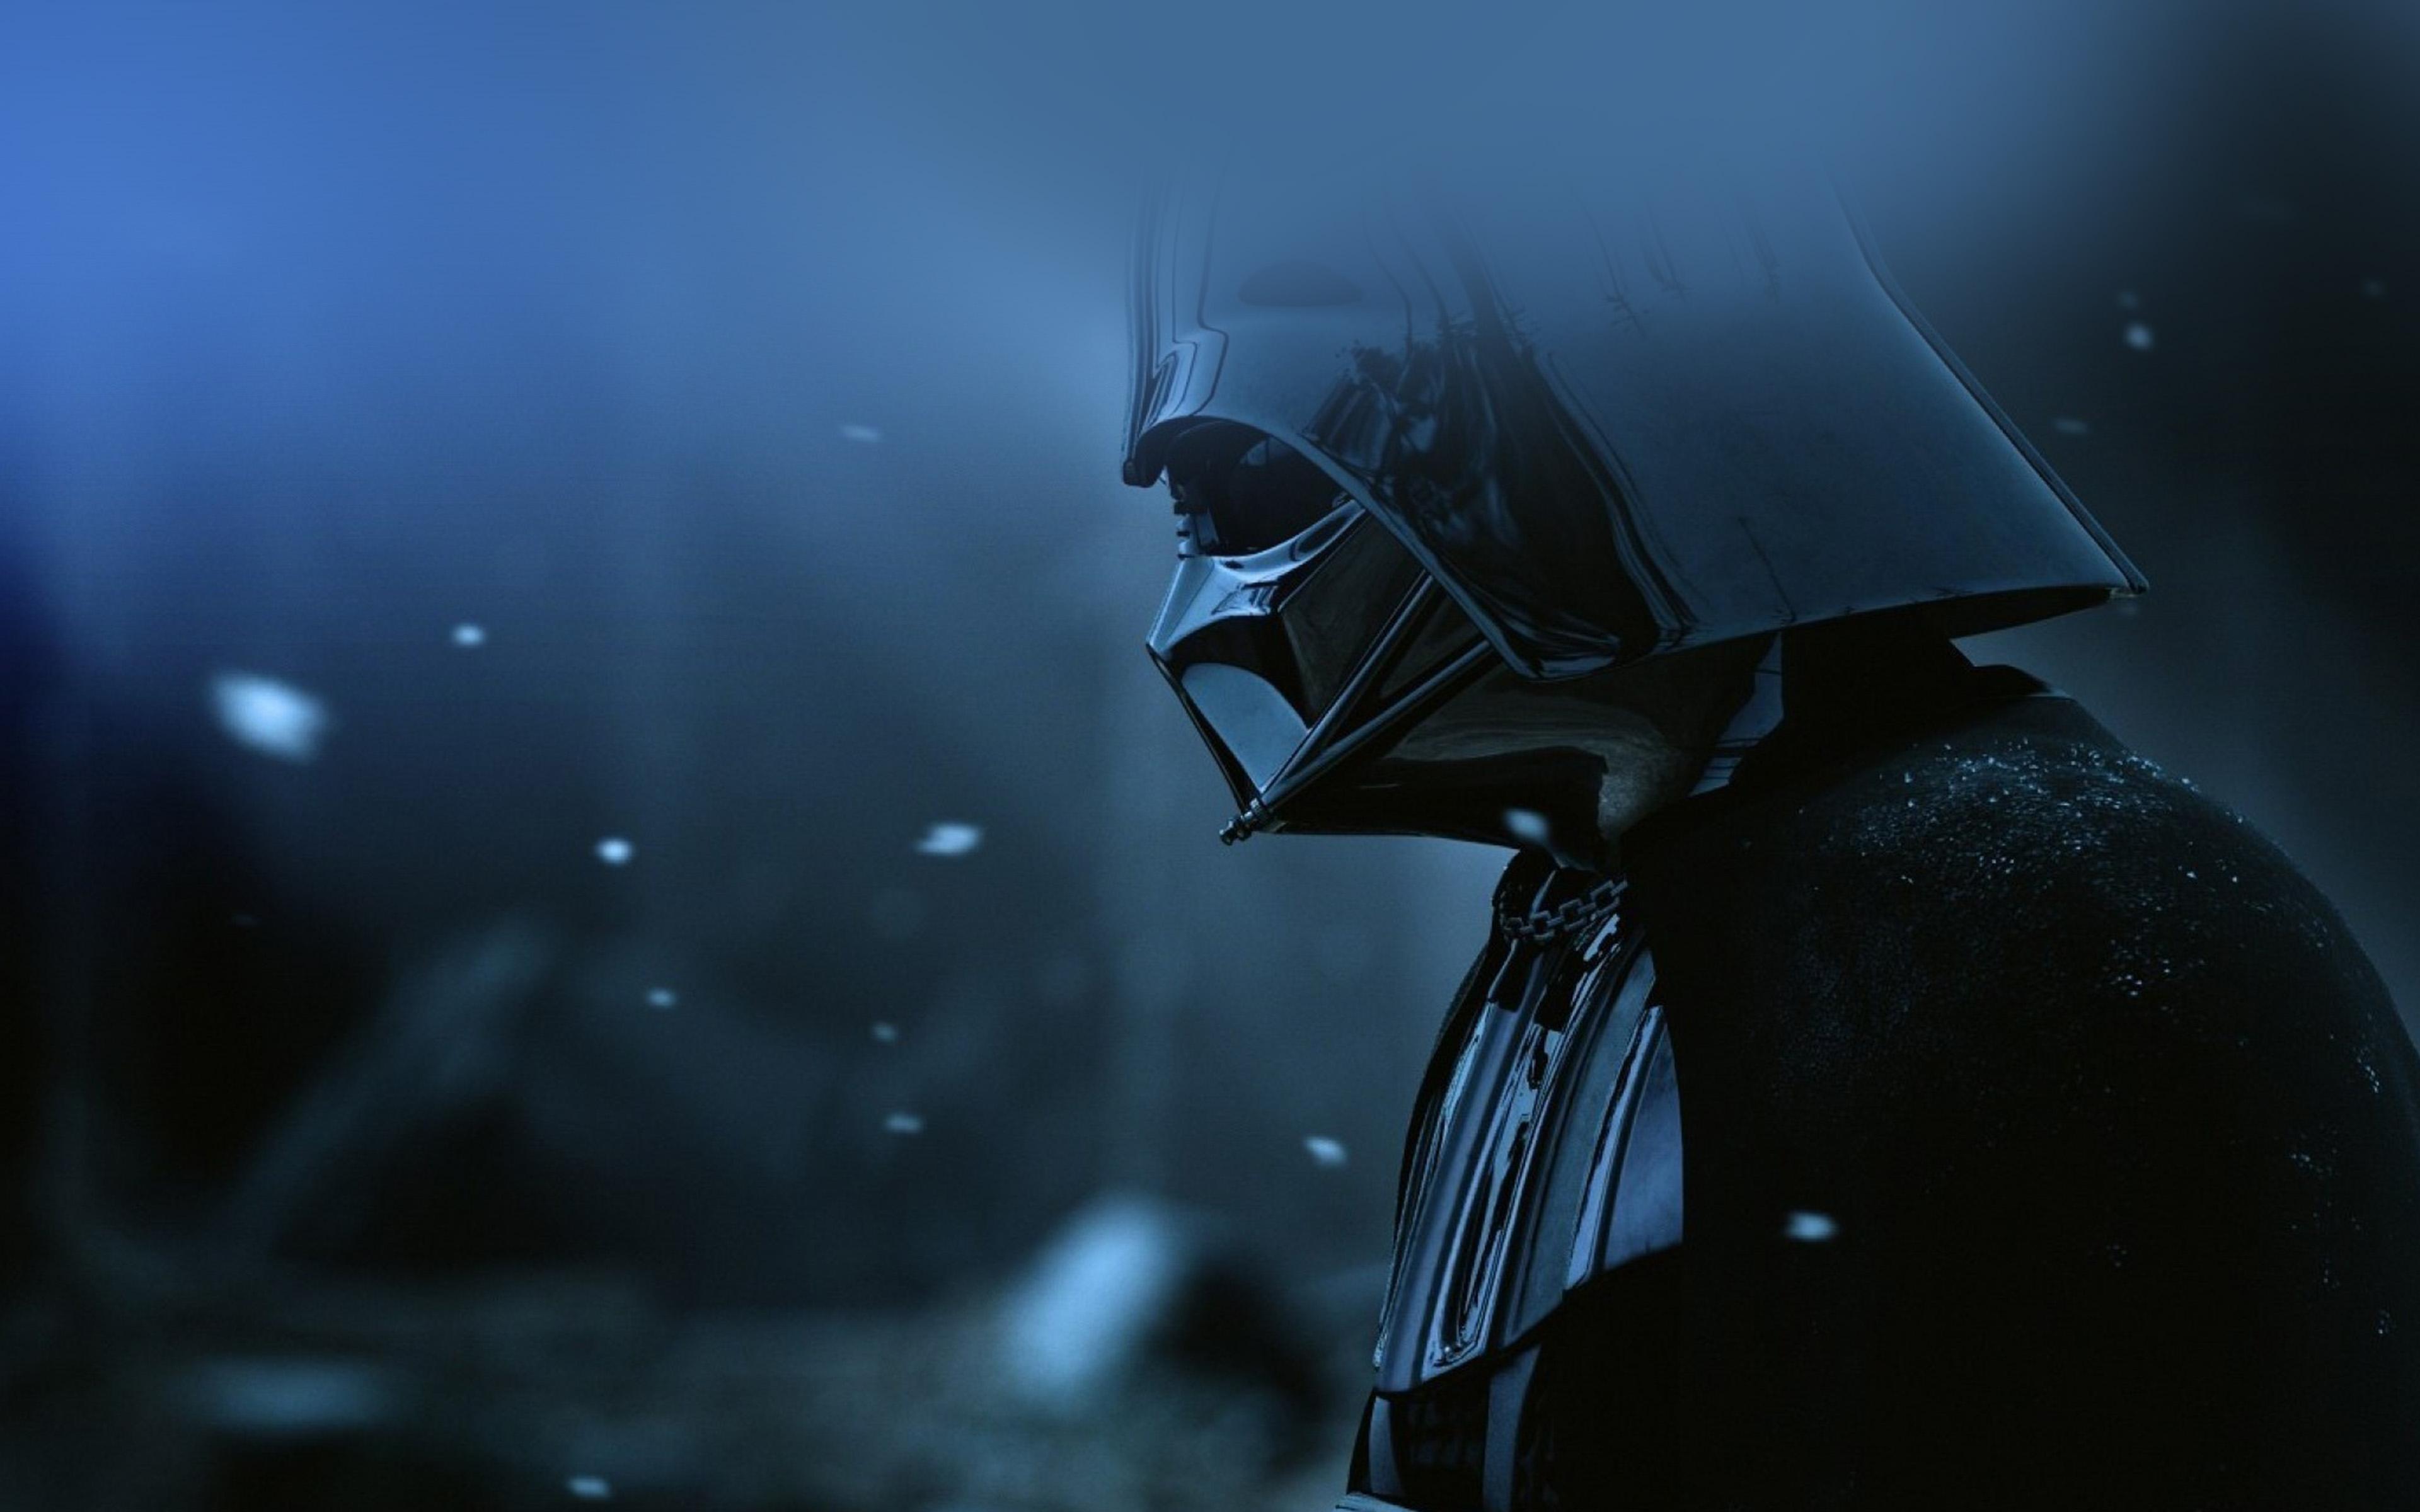 Lego Star Wars Wallpaper Hd 3840 X 2400